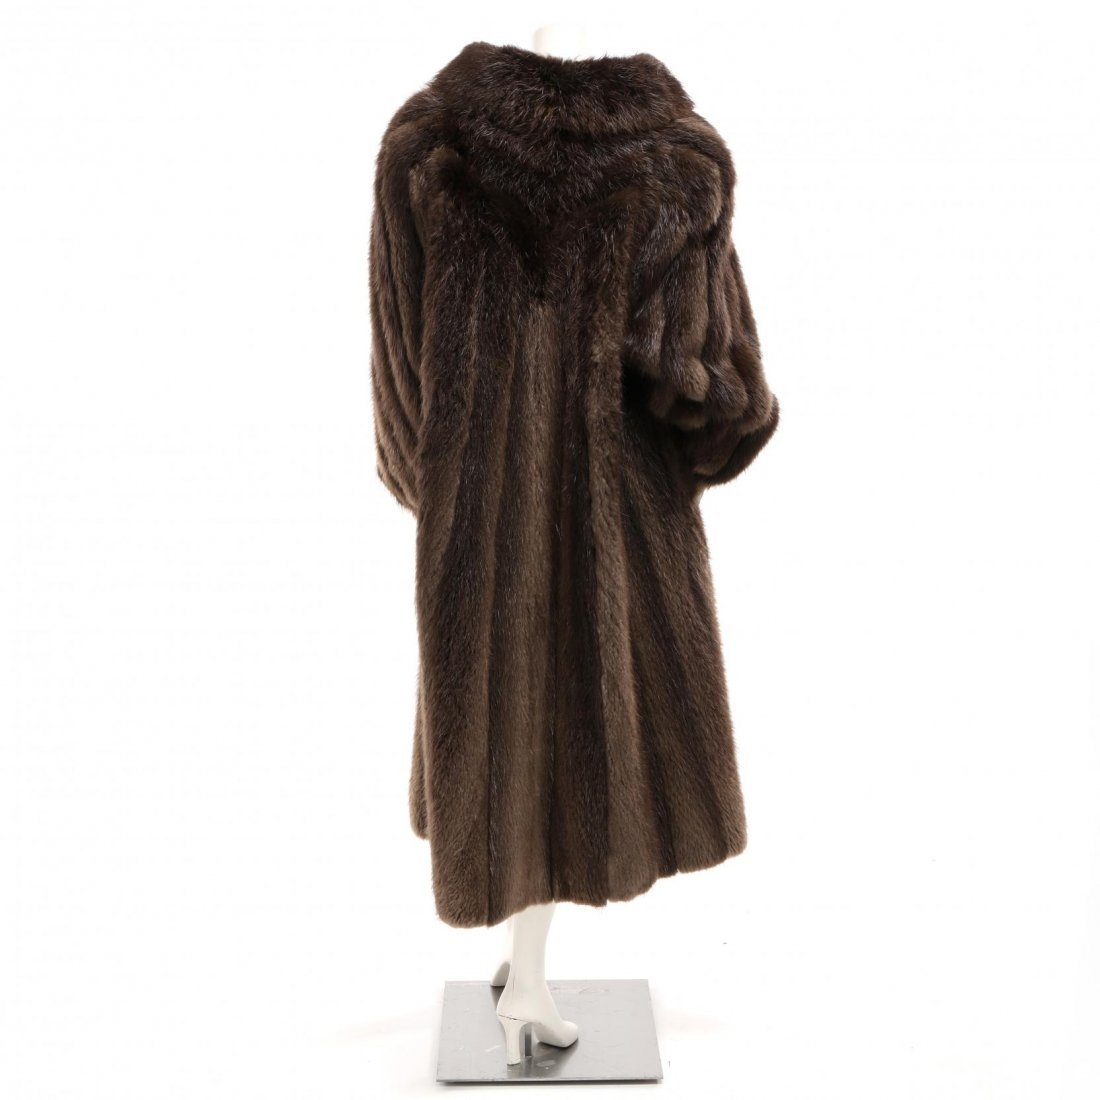 Vintage Full Length Raccoon Coat - 2